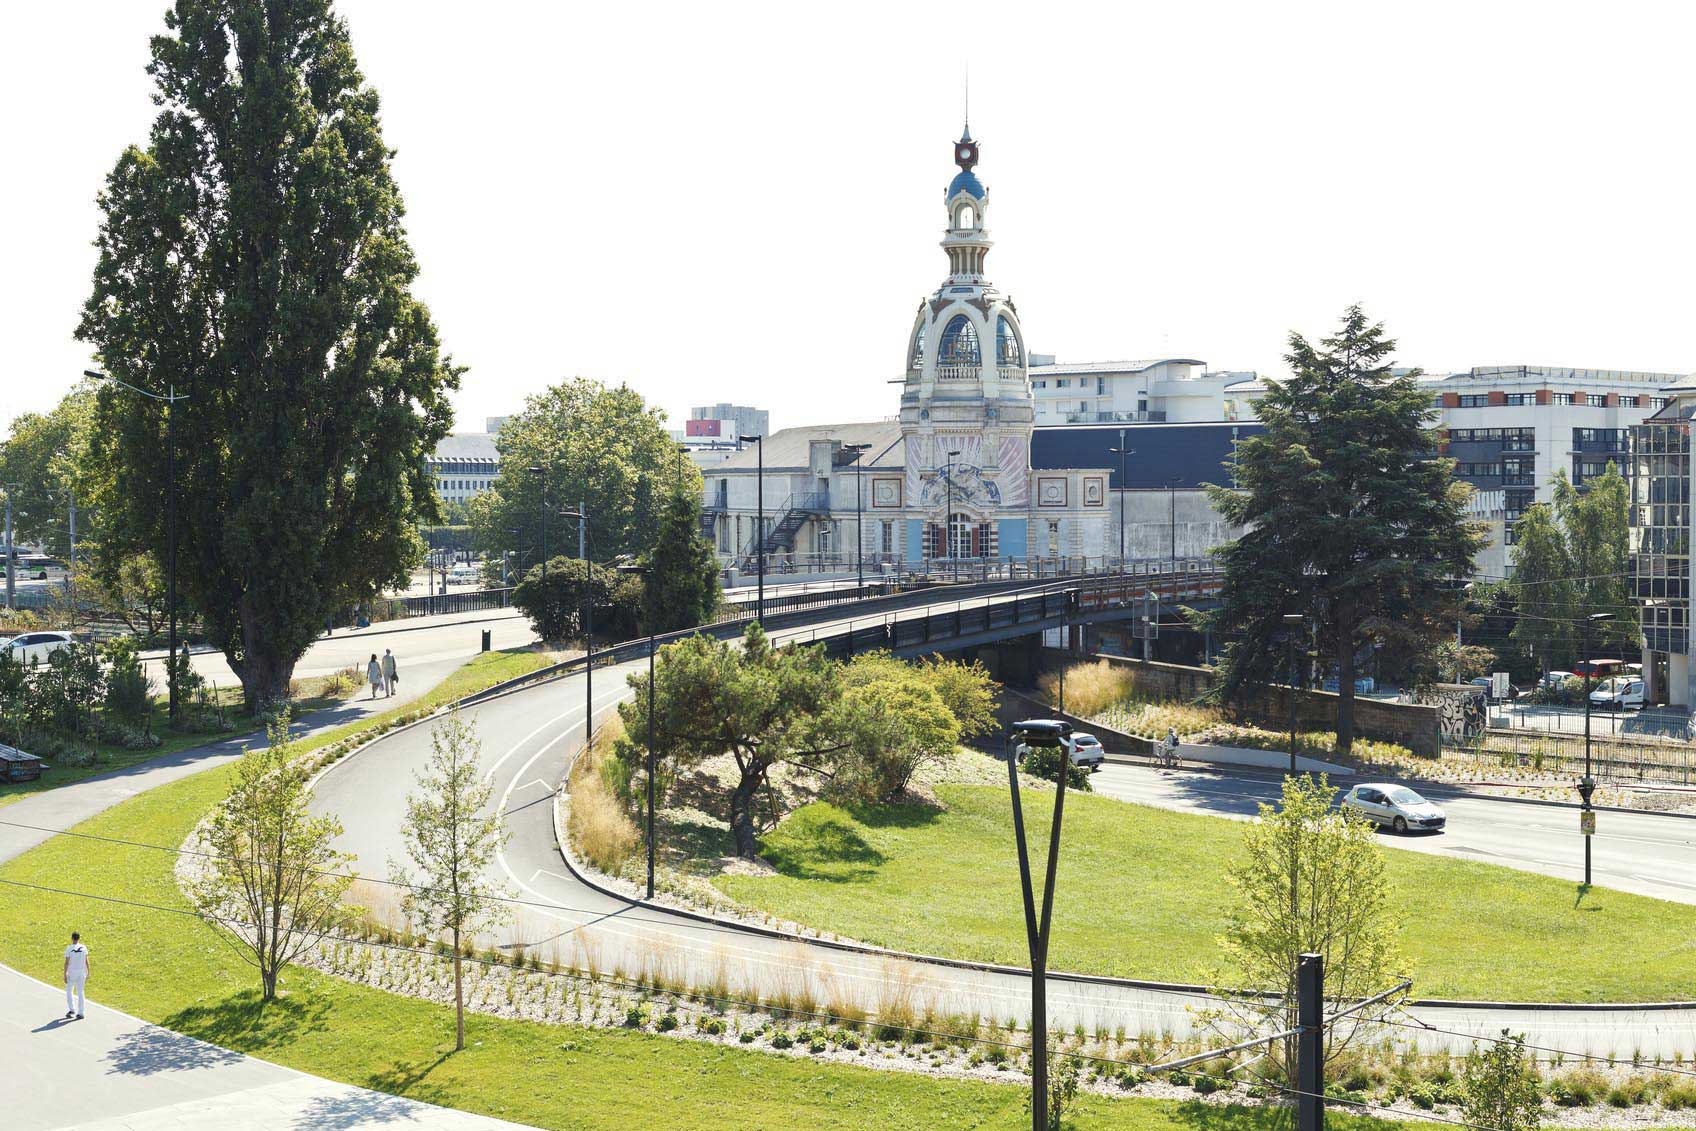 Le Lieu unique est un centre culturel contemporain accueillant de nombreux artistes